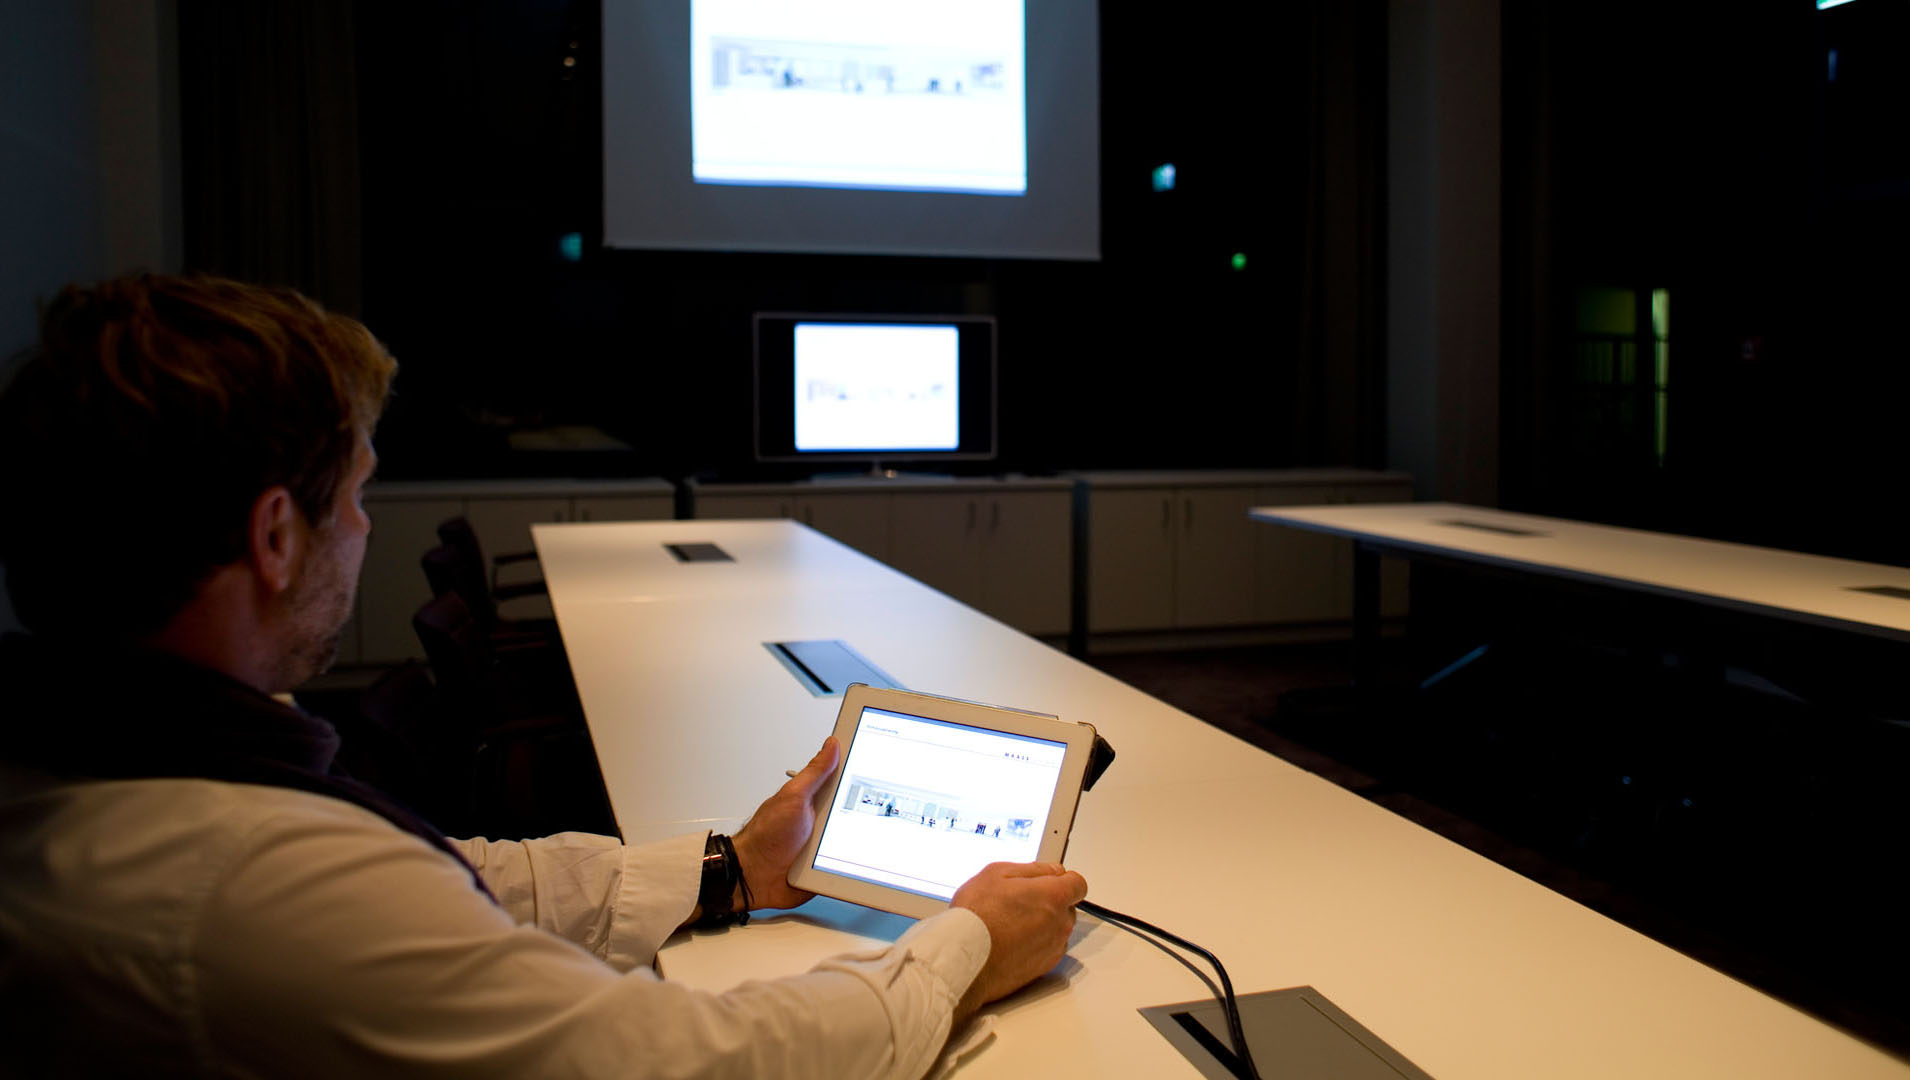 MAASS-Lichtplanung_Planung von Konferenzräumen__MAASS-Skylight-Konferenz-005